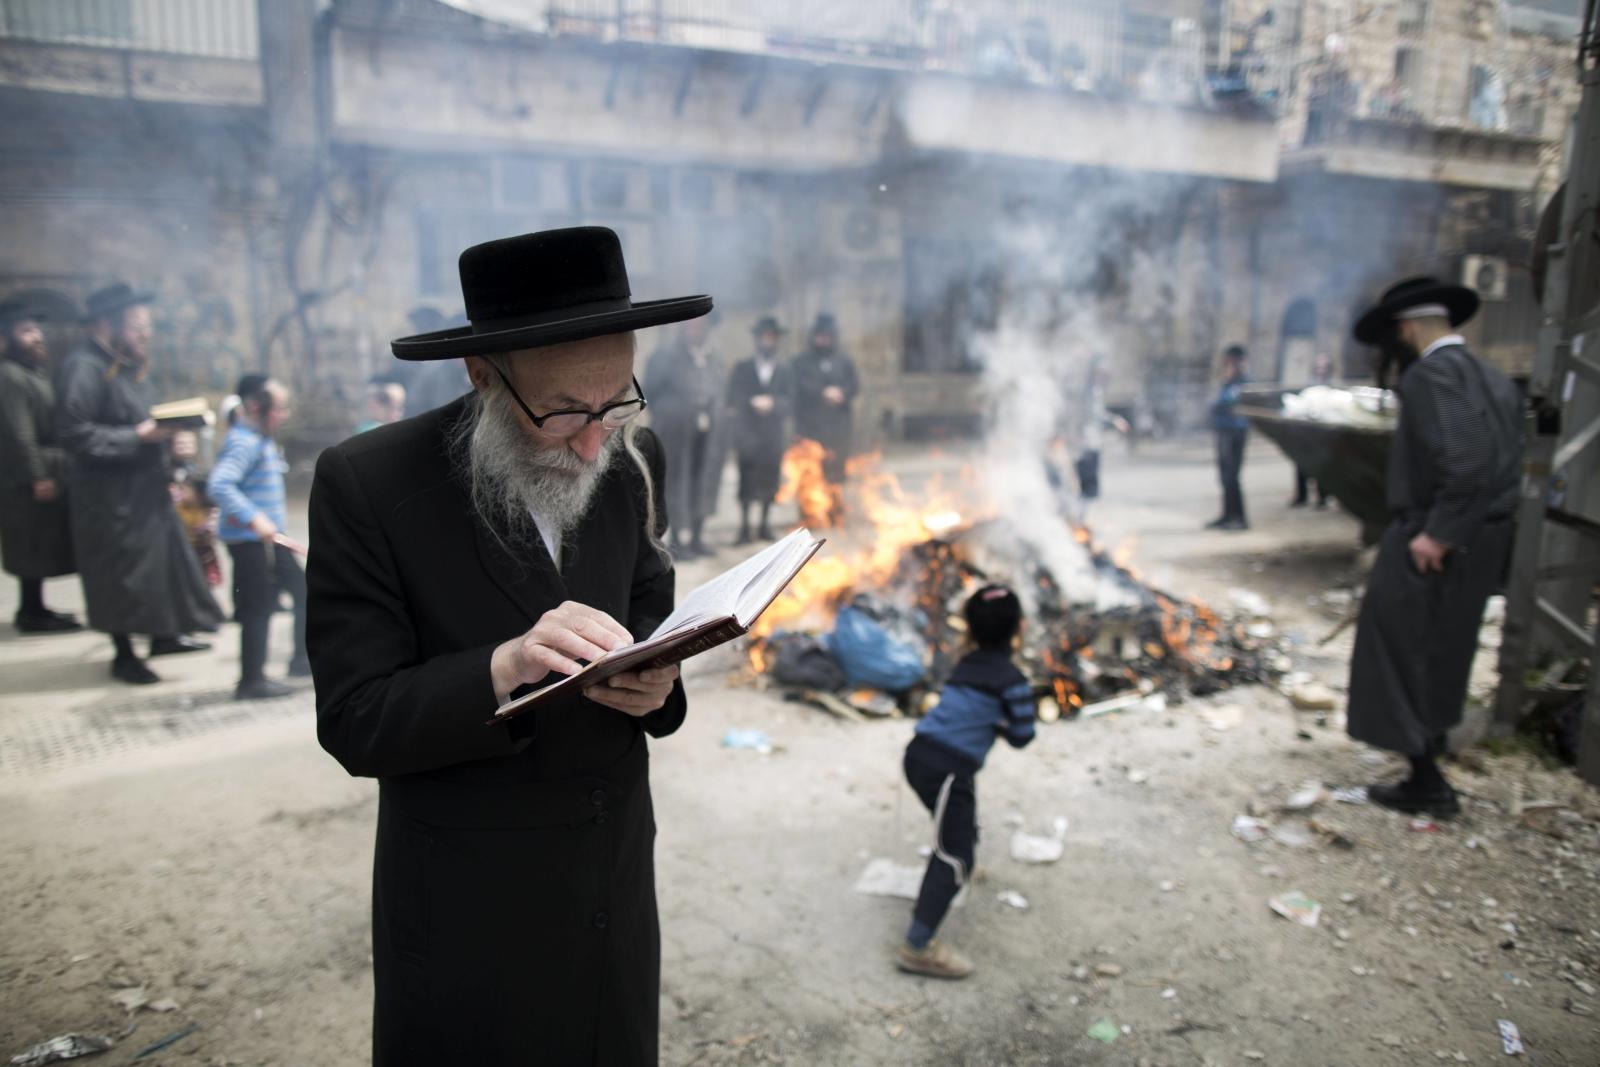 Ultra-ortodoksyjny Żyd modli się w czasie spalania chleba w Mea Shearim w Jerozolimie.